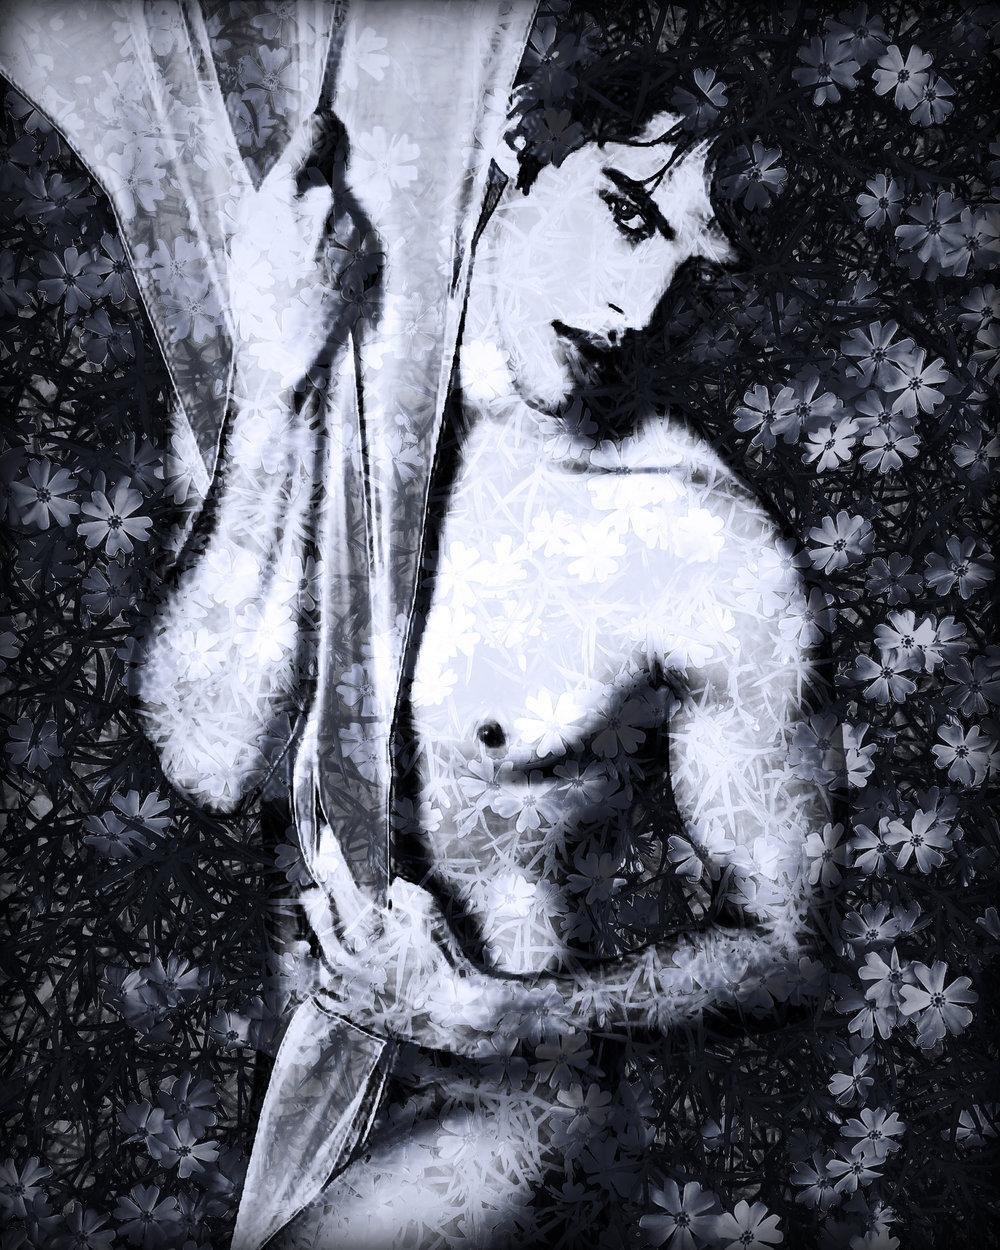 John Waiblinger-Dressed in White-Digital Art on paper-16x20-Ed2of10-2015 -framed$675.jpg